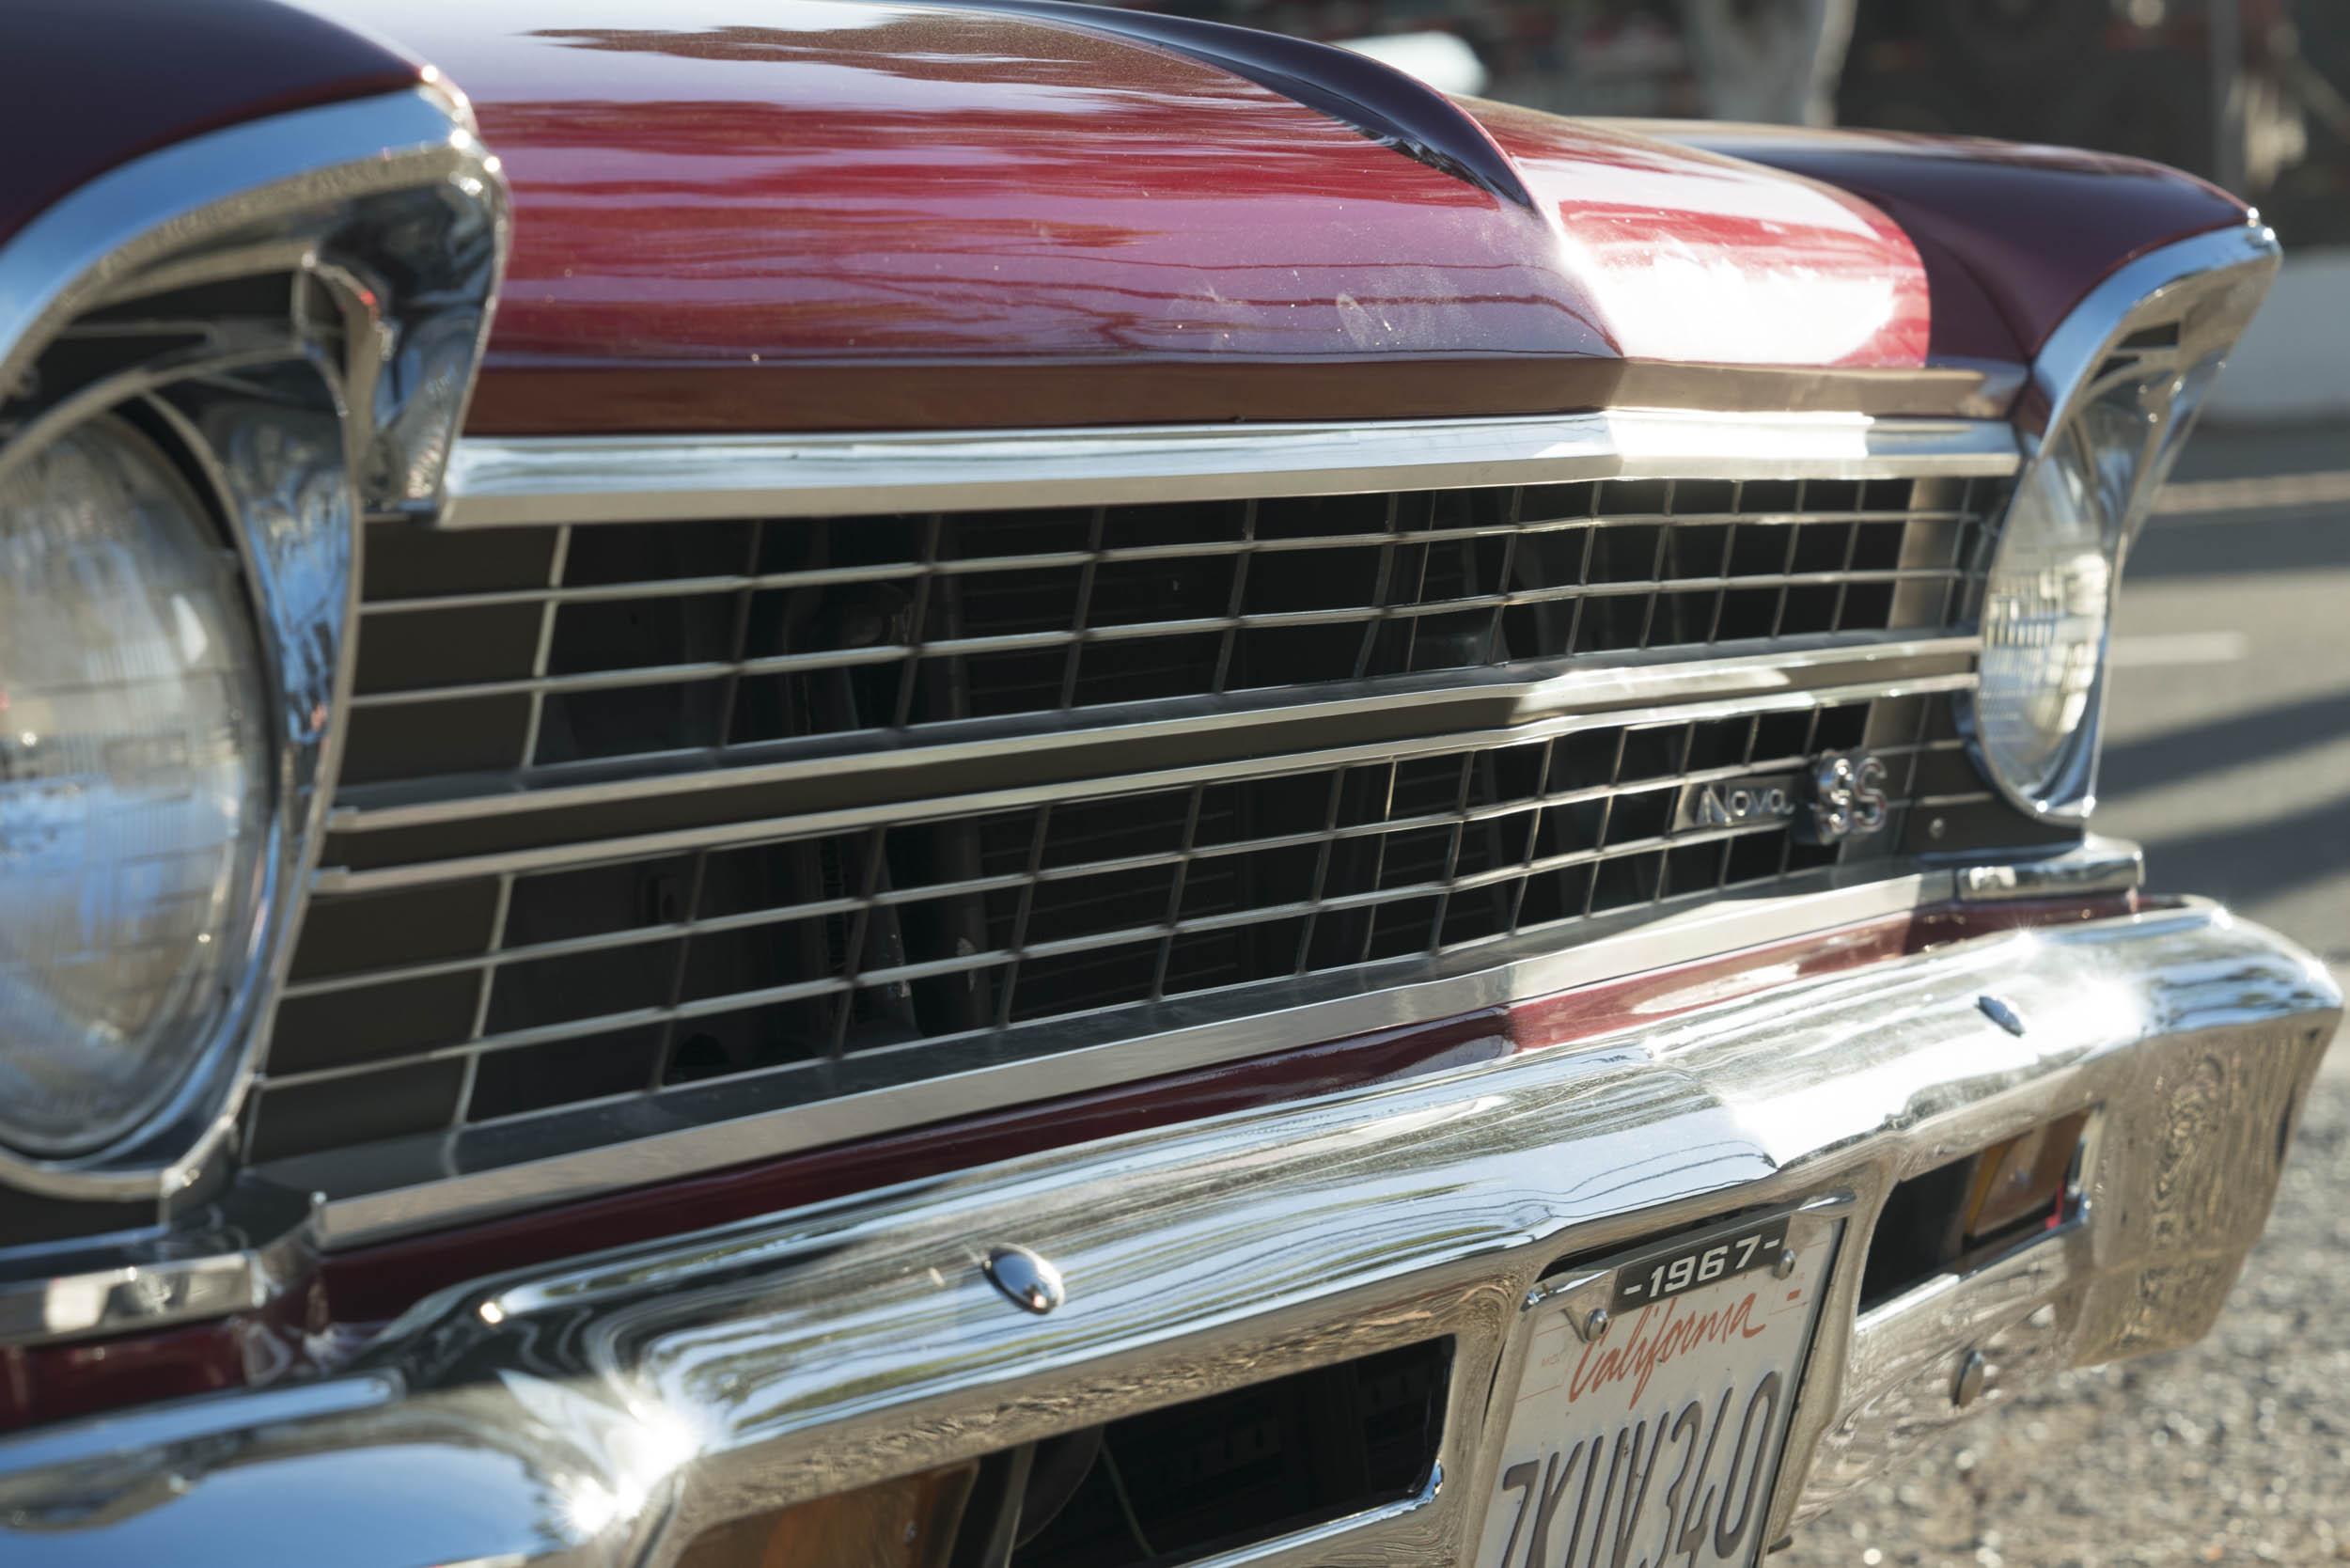 1967 Chevrolet Nova SS grille